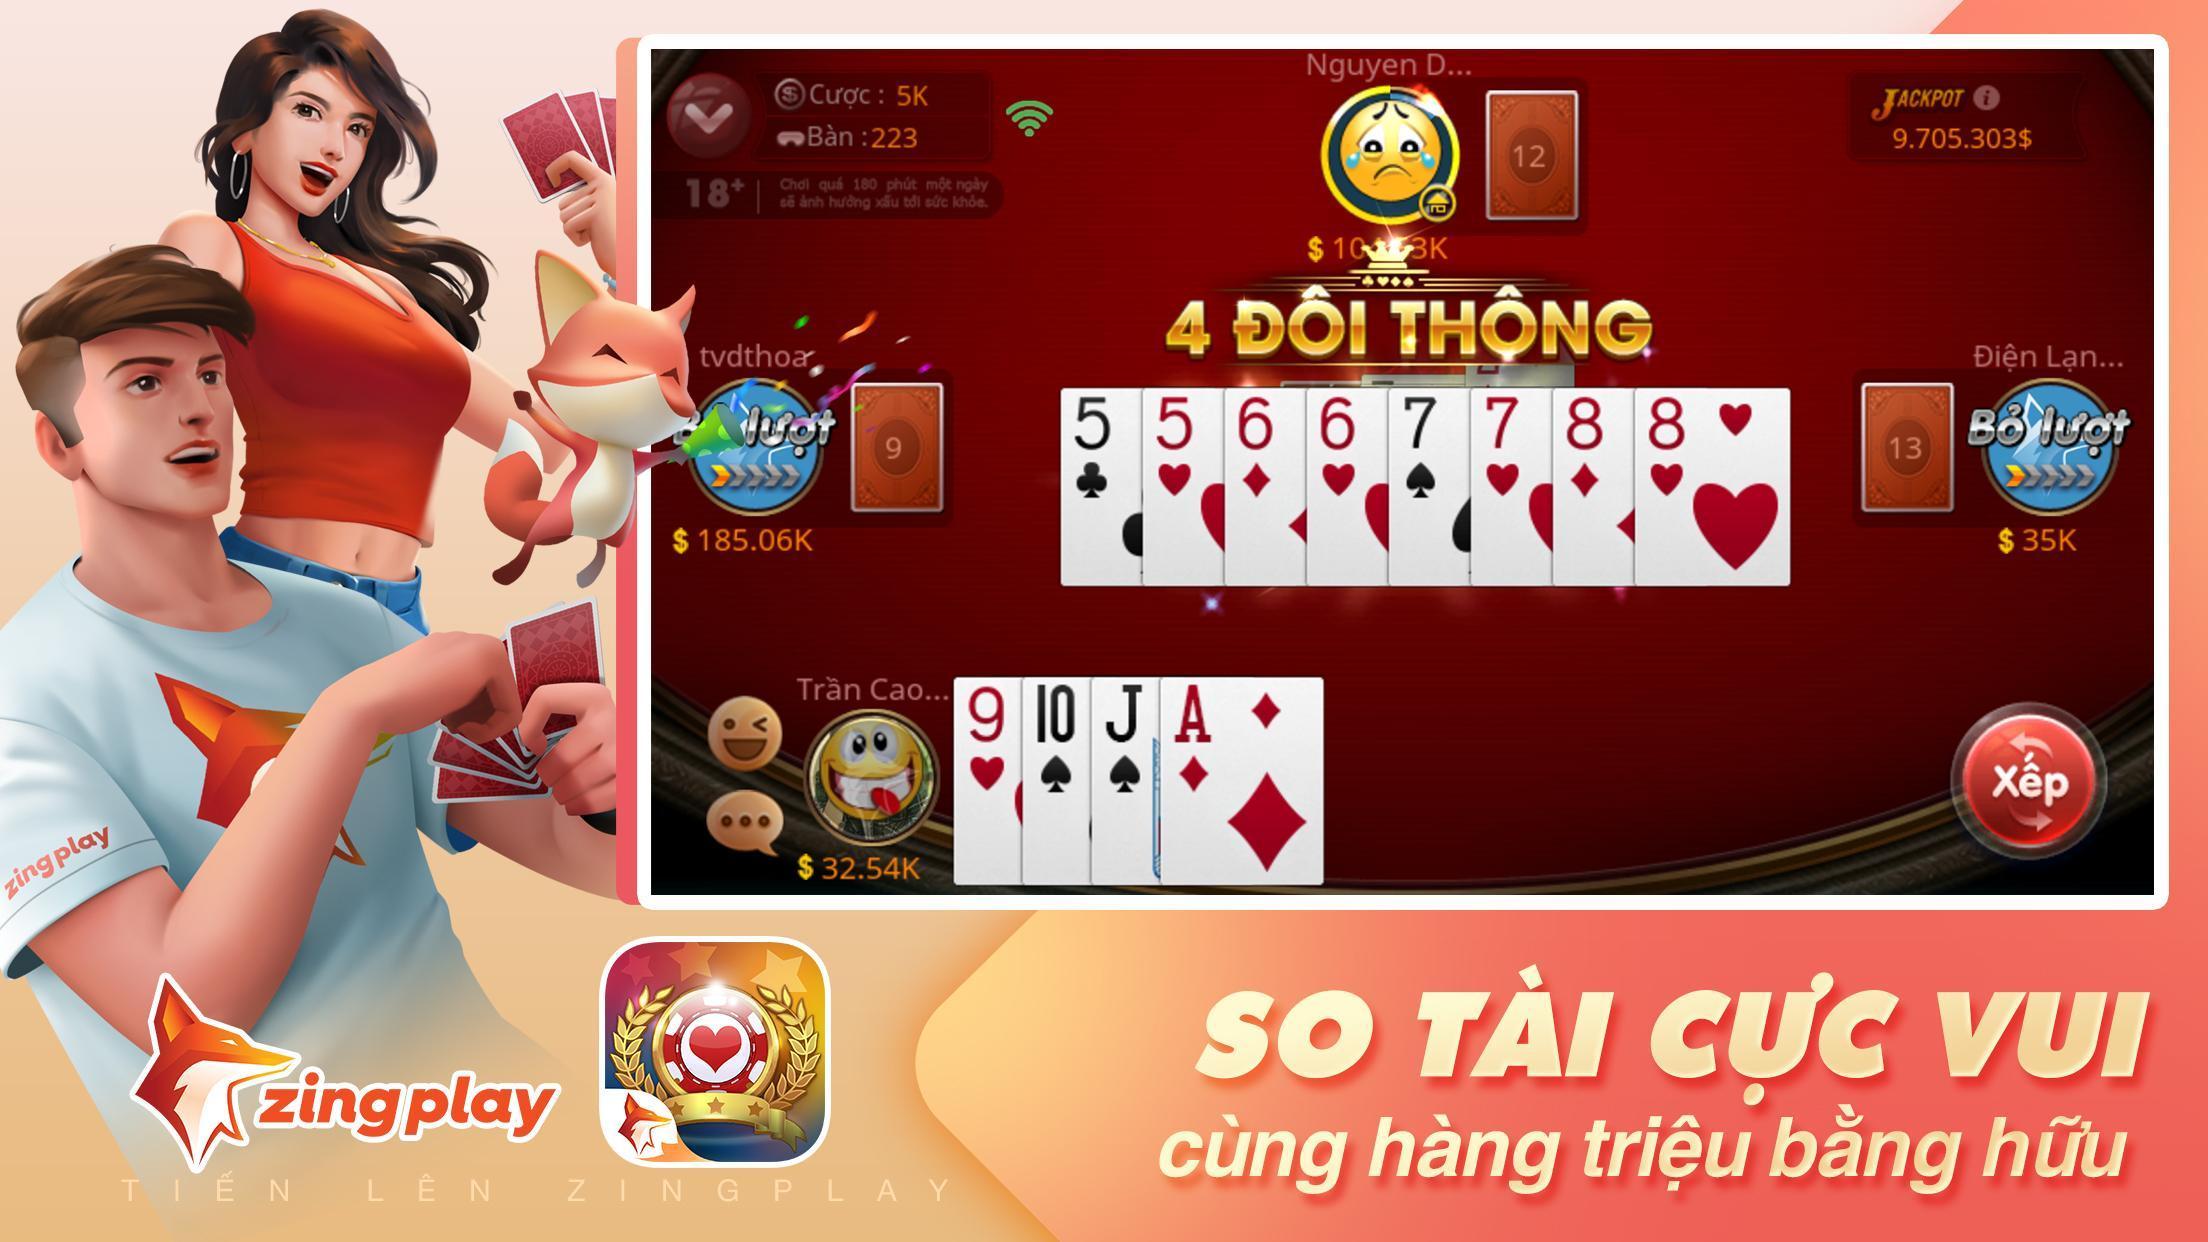 Tiến lên Miền Nam- Tiến Lên - tien len - ZingPlay 4.9 Screenshot 2